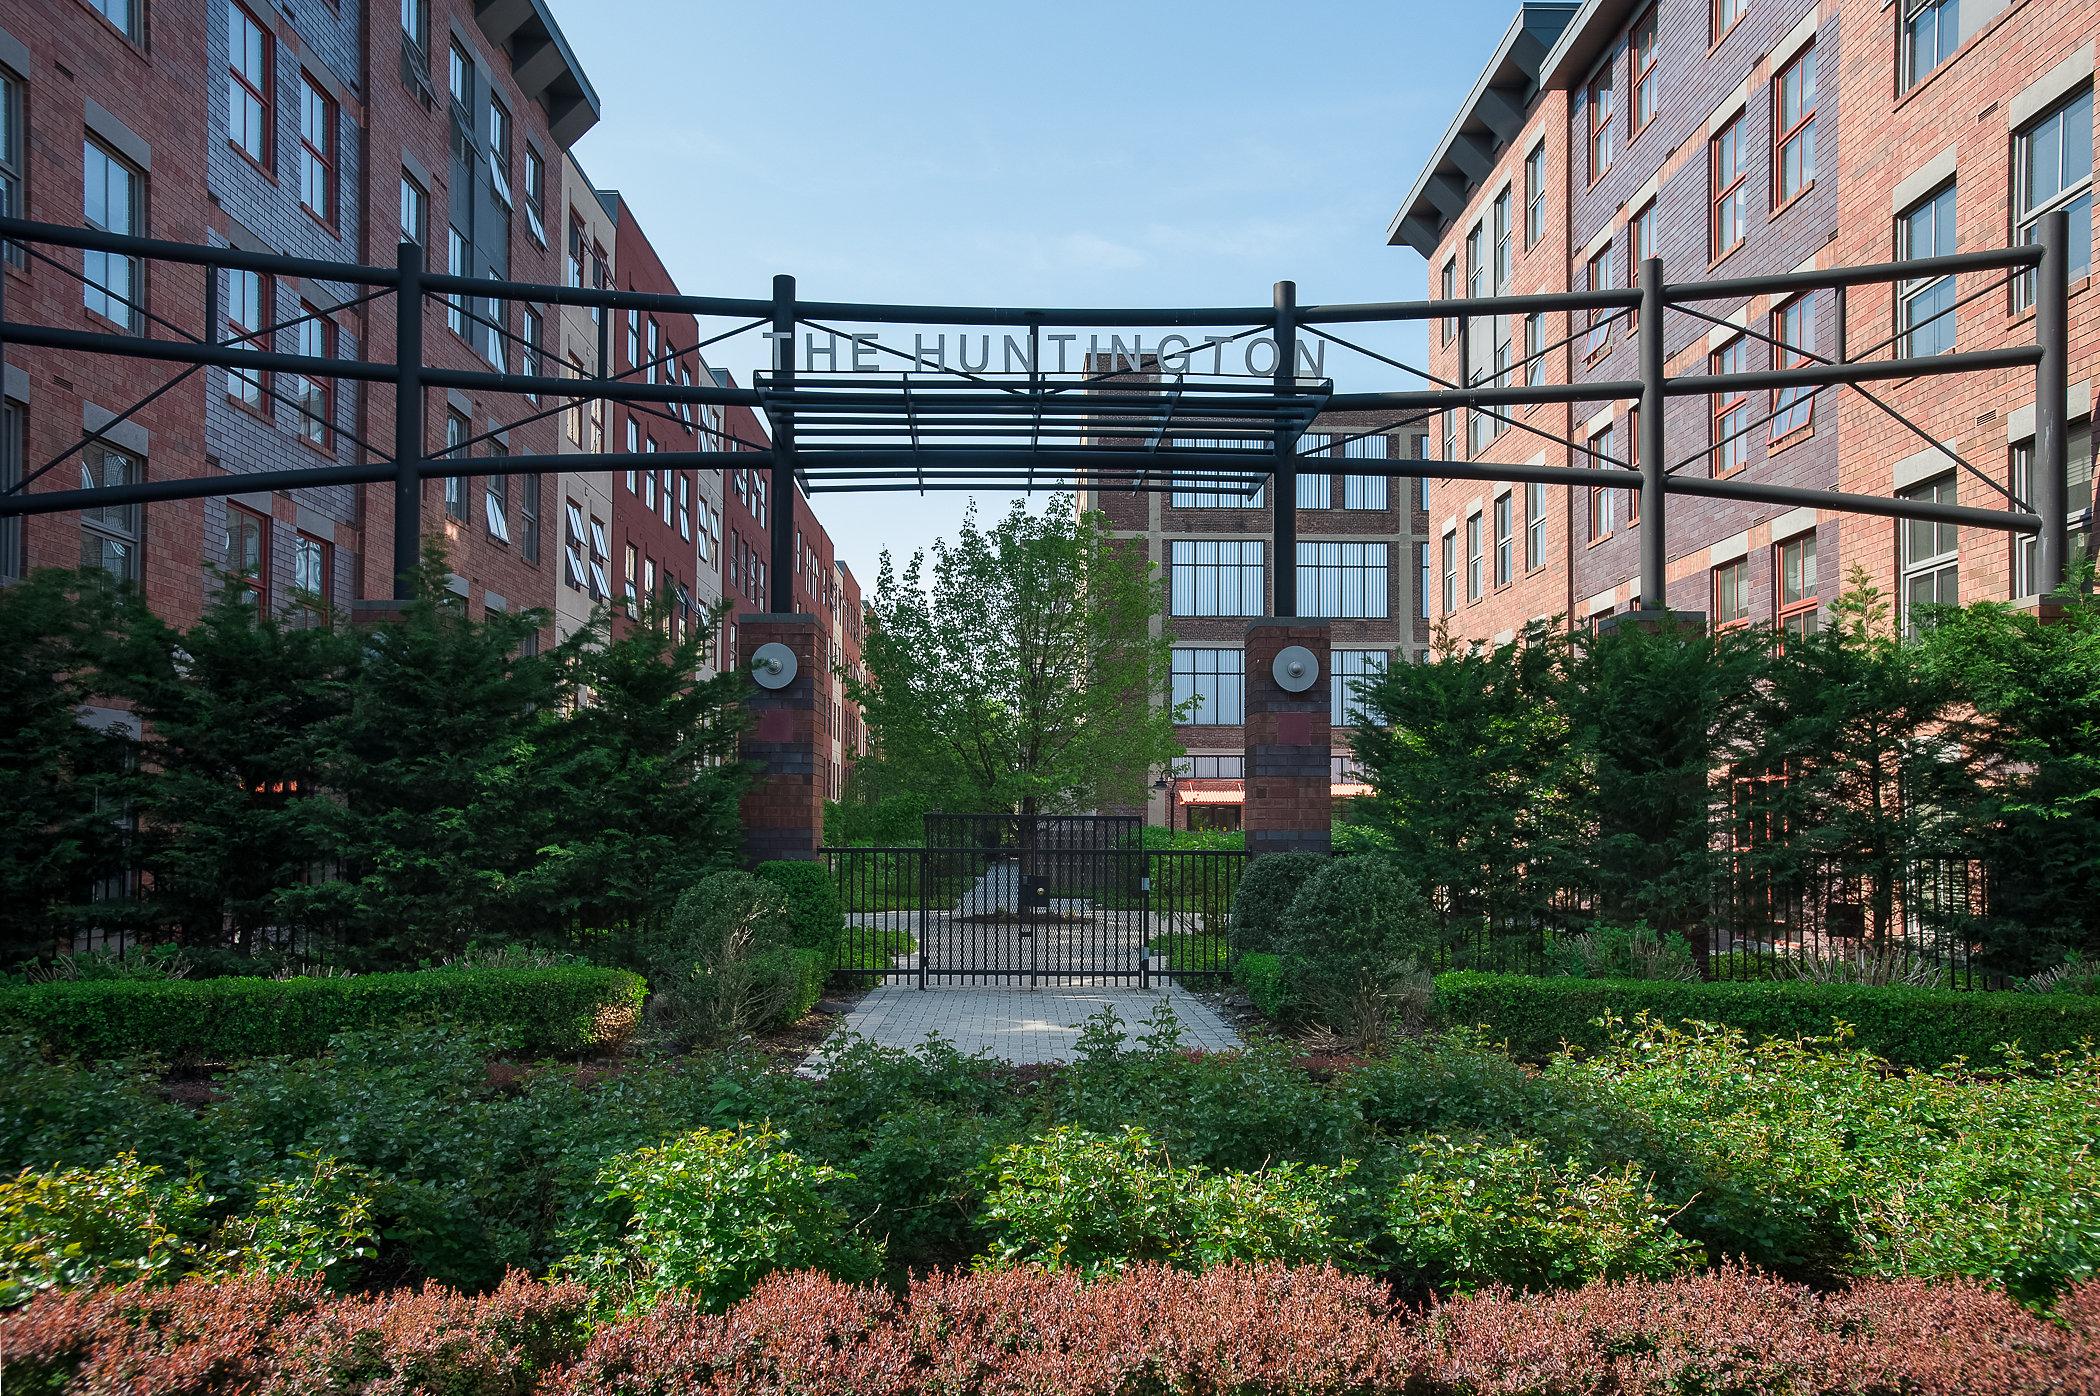 共管物業 為 出售 在 The Huntington 825 Adams Street #3C Hoboken, 新澤西州, 07030 美國